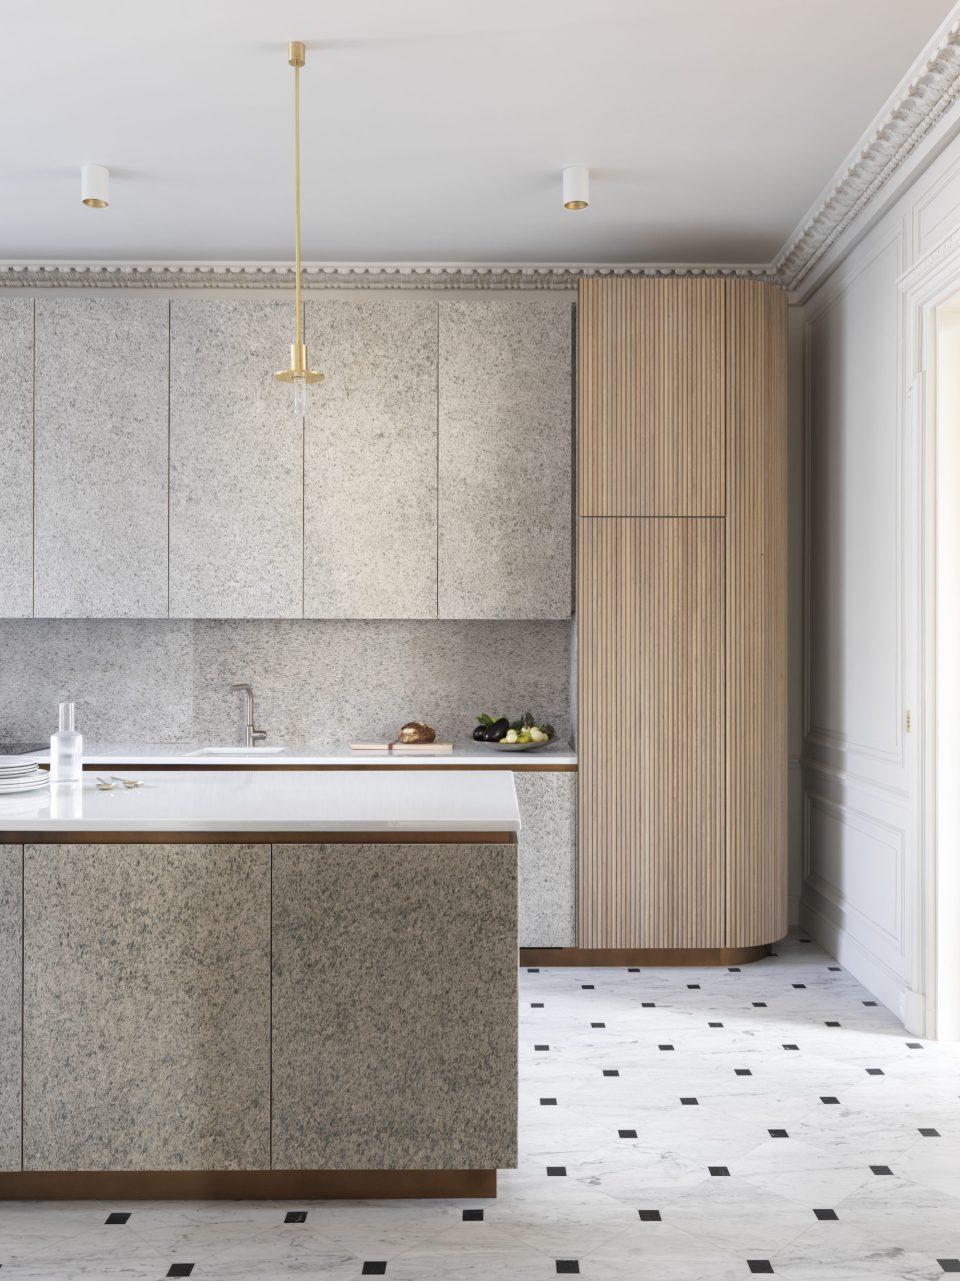 Feuille de pierre 100% naturelle StoneLeaf modèleOslo sur mur crédence et meuble de cuisine